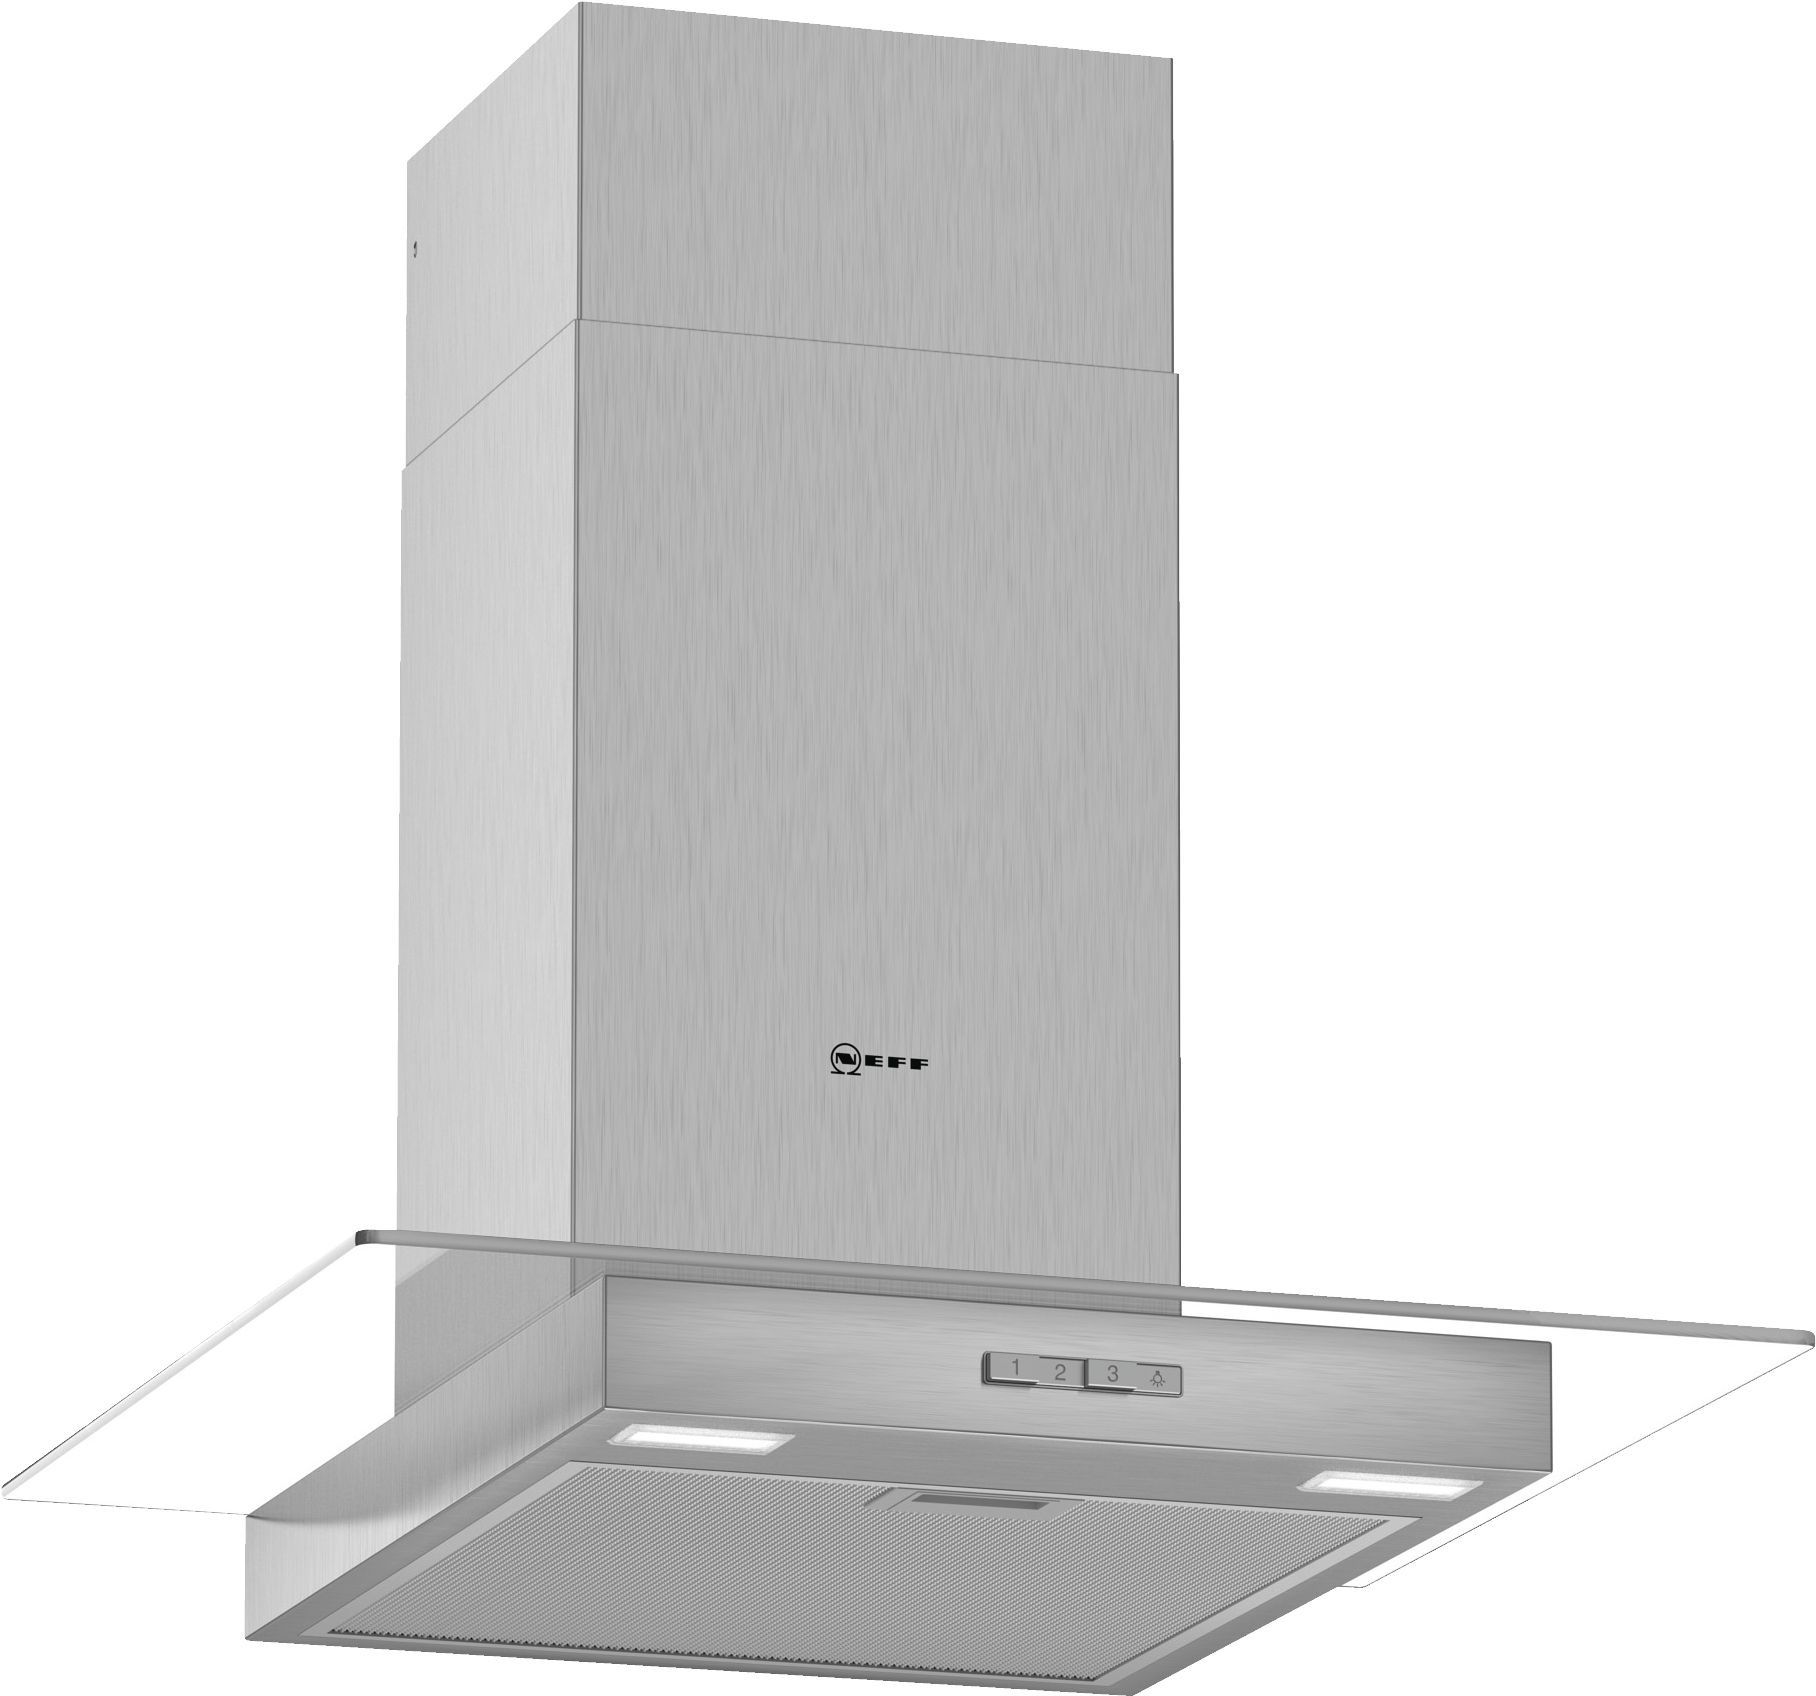 Neff D64GBC0N0B 60cm Flat Design Chimney Cooker Hood - Stainless Steel